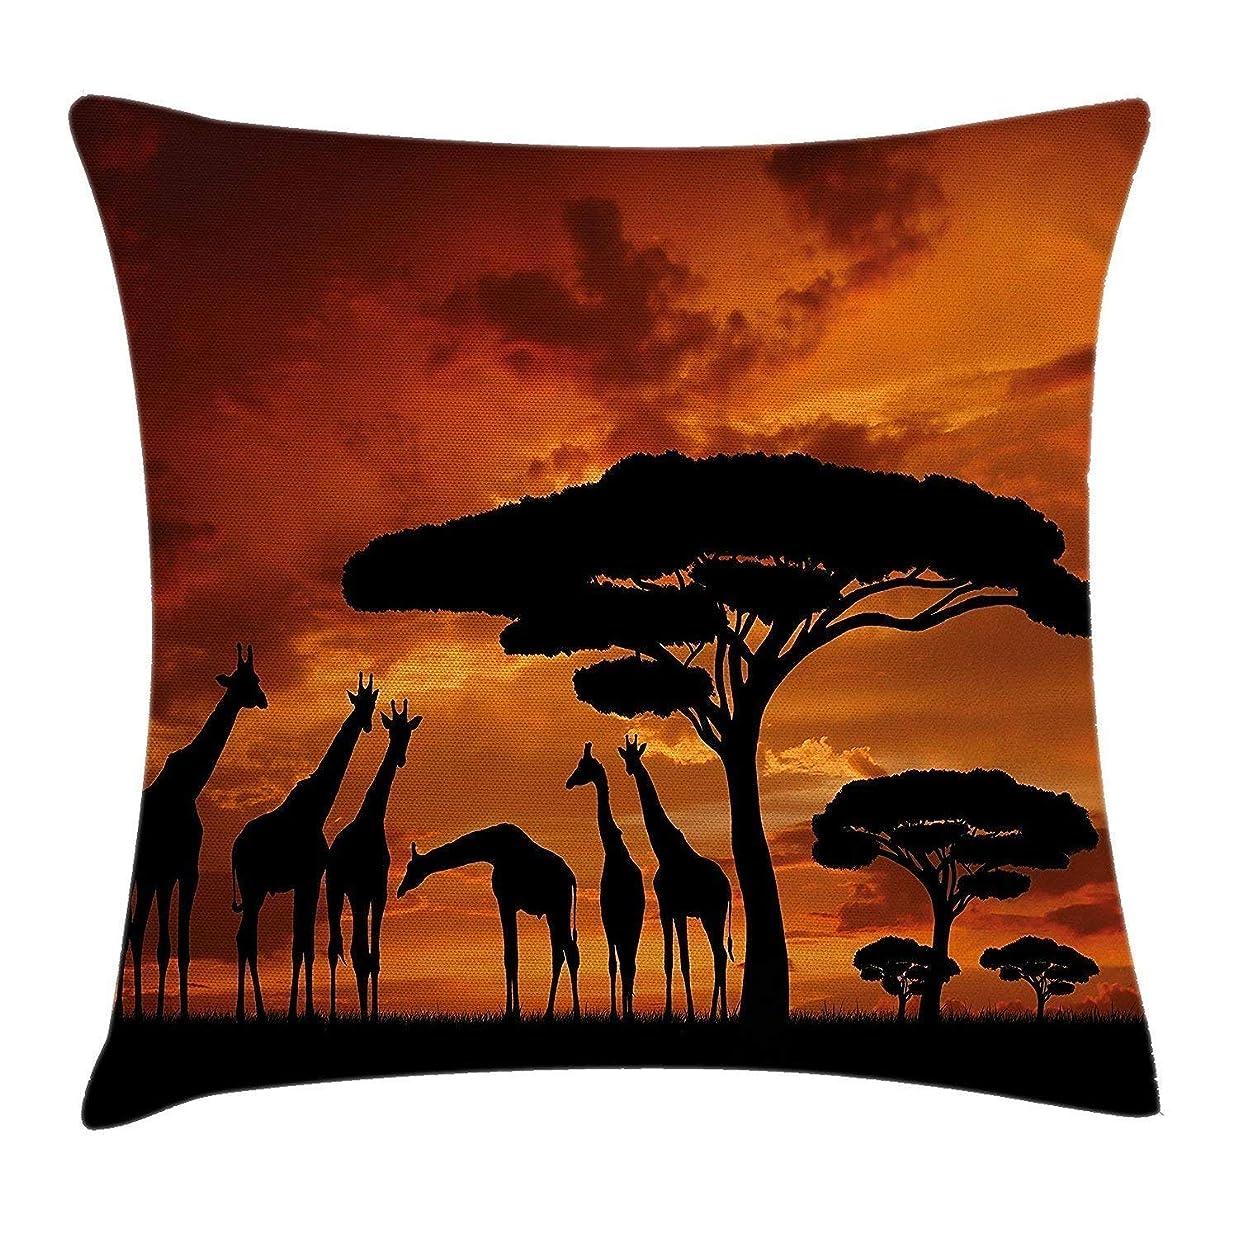 非難ハンサム風味野生動物の装飾投げ枕クッションカバー、ケニアの日の出で雄大な木とキリンの乗組員とサファリ、装飾的な広場投げ枕クッションカバー45 x 45 cm、焦げたオレンジブラック